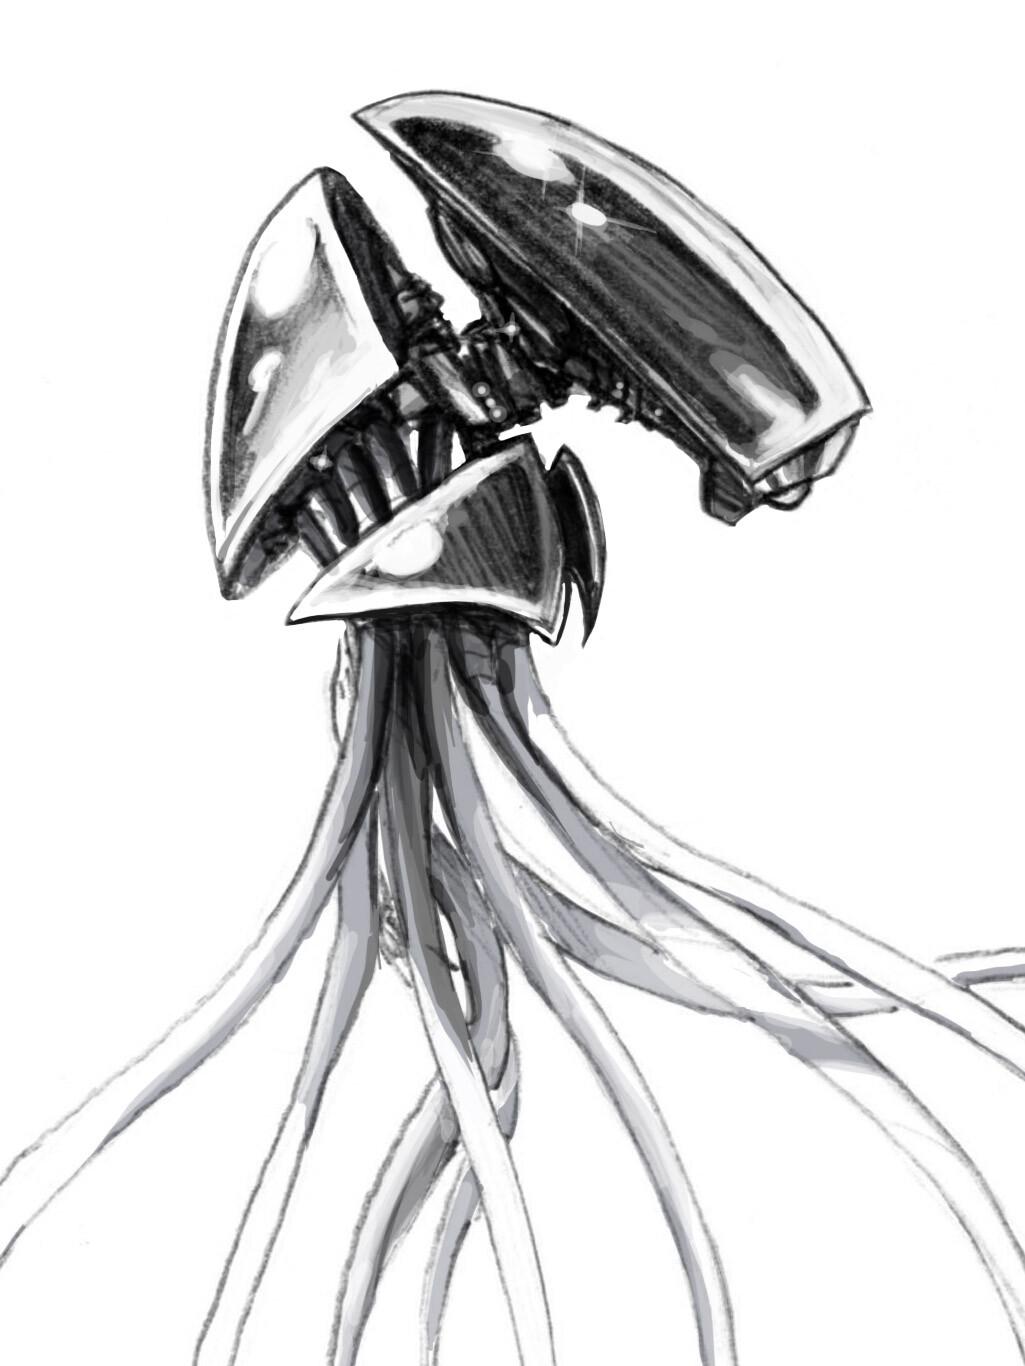 Tentacle Robots Concept